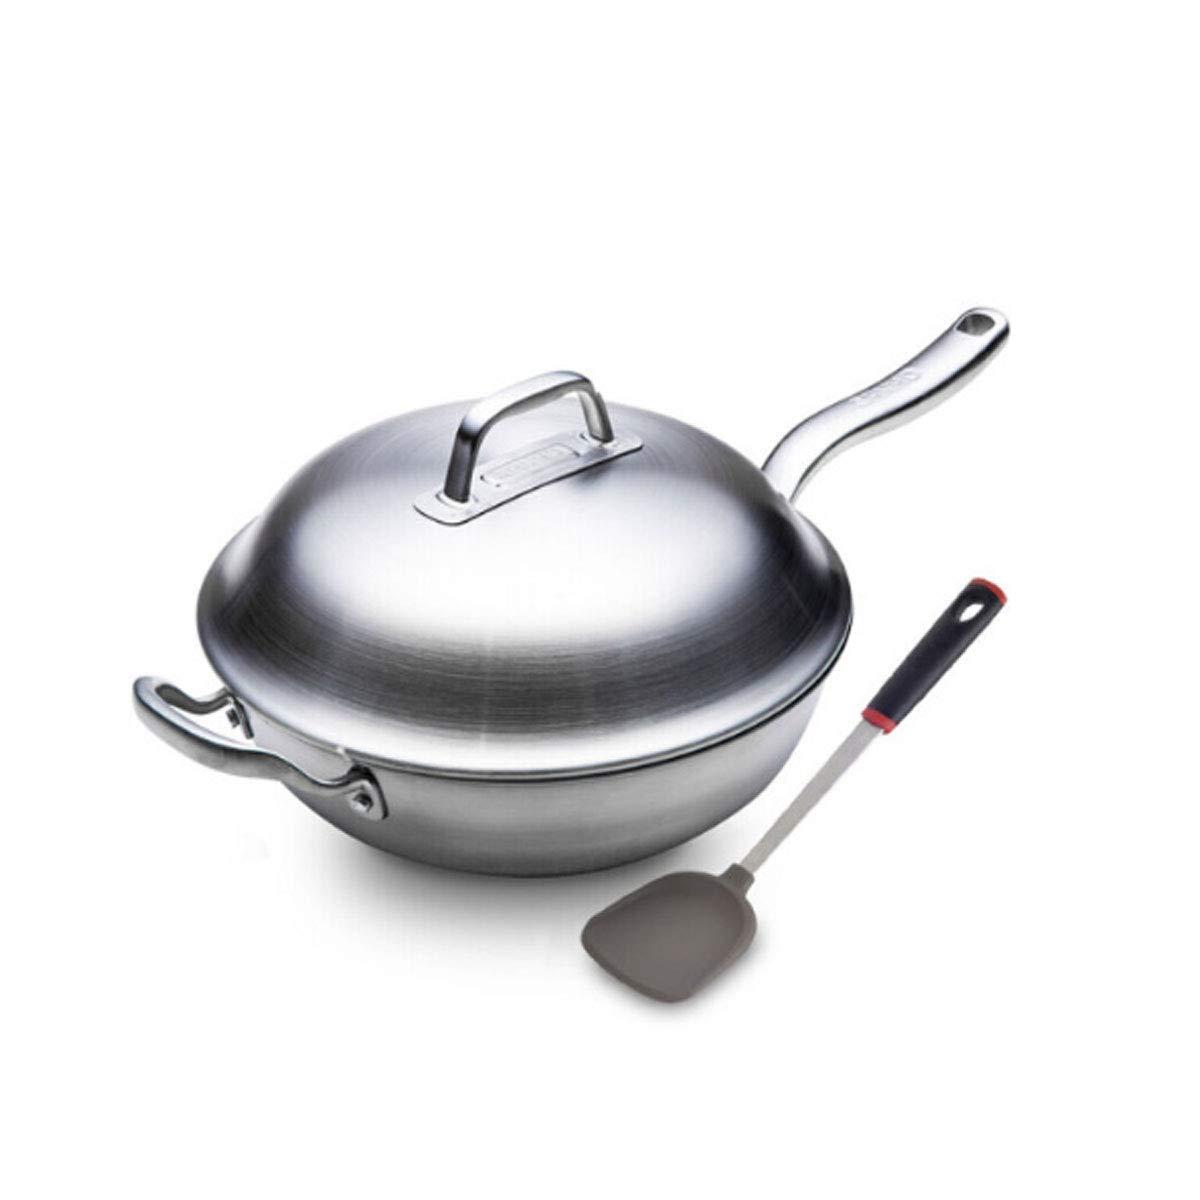 鍋、台所は12.8インチのステンレス鋼の中華鍋、電磁調理器およびガスこんろが付いている標準が付いています、銀製の白(送信シリコーンのシャベル) (Color : Silver)  Silver B07QNTZQ7R